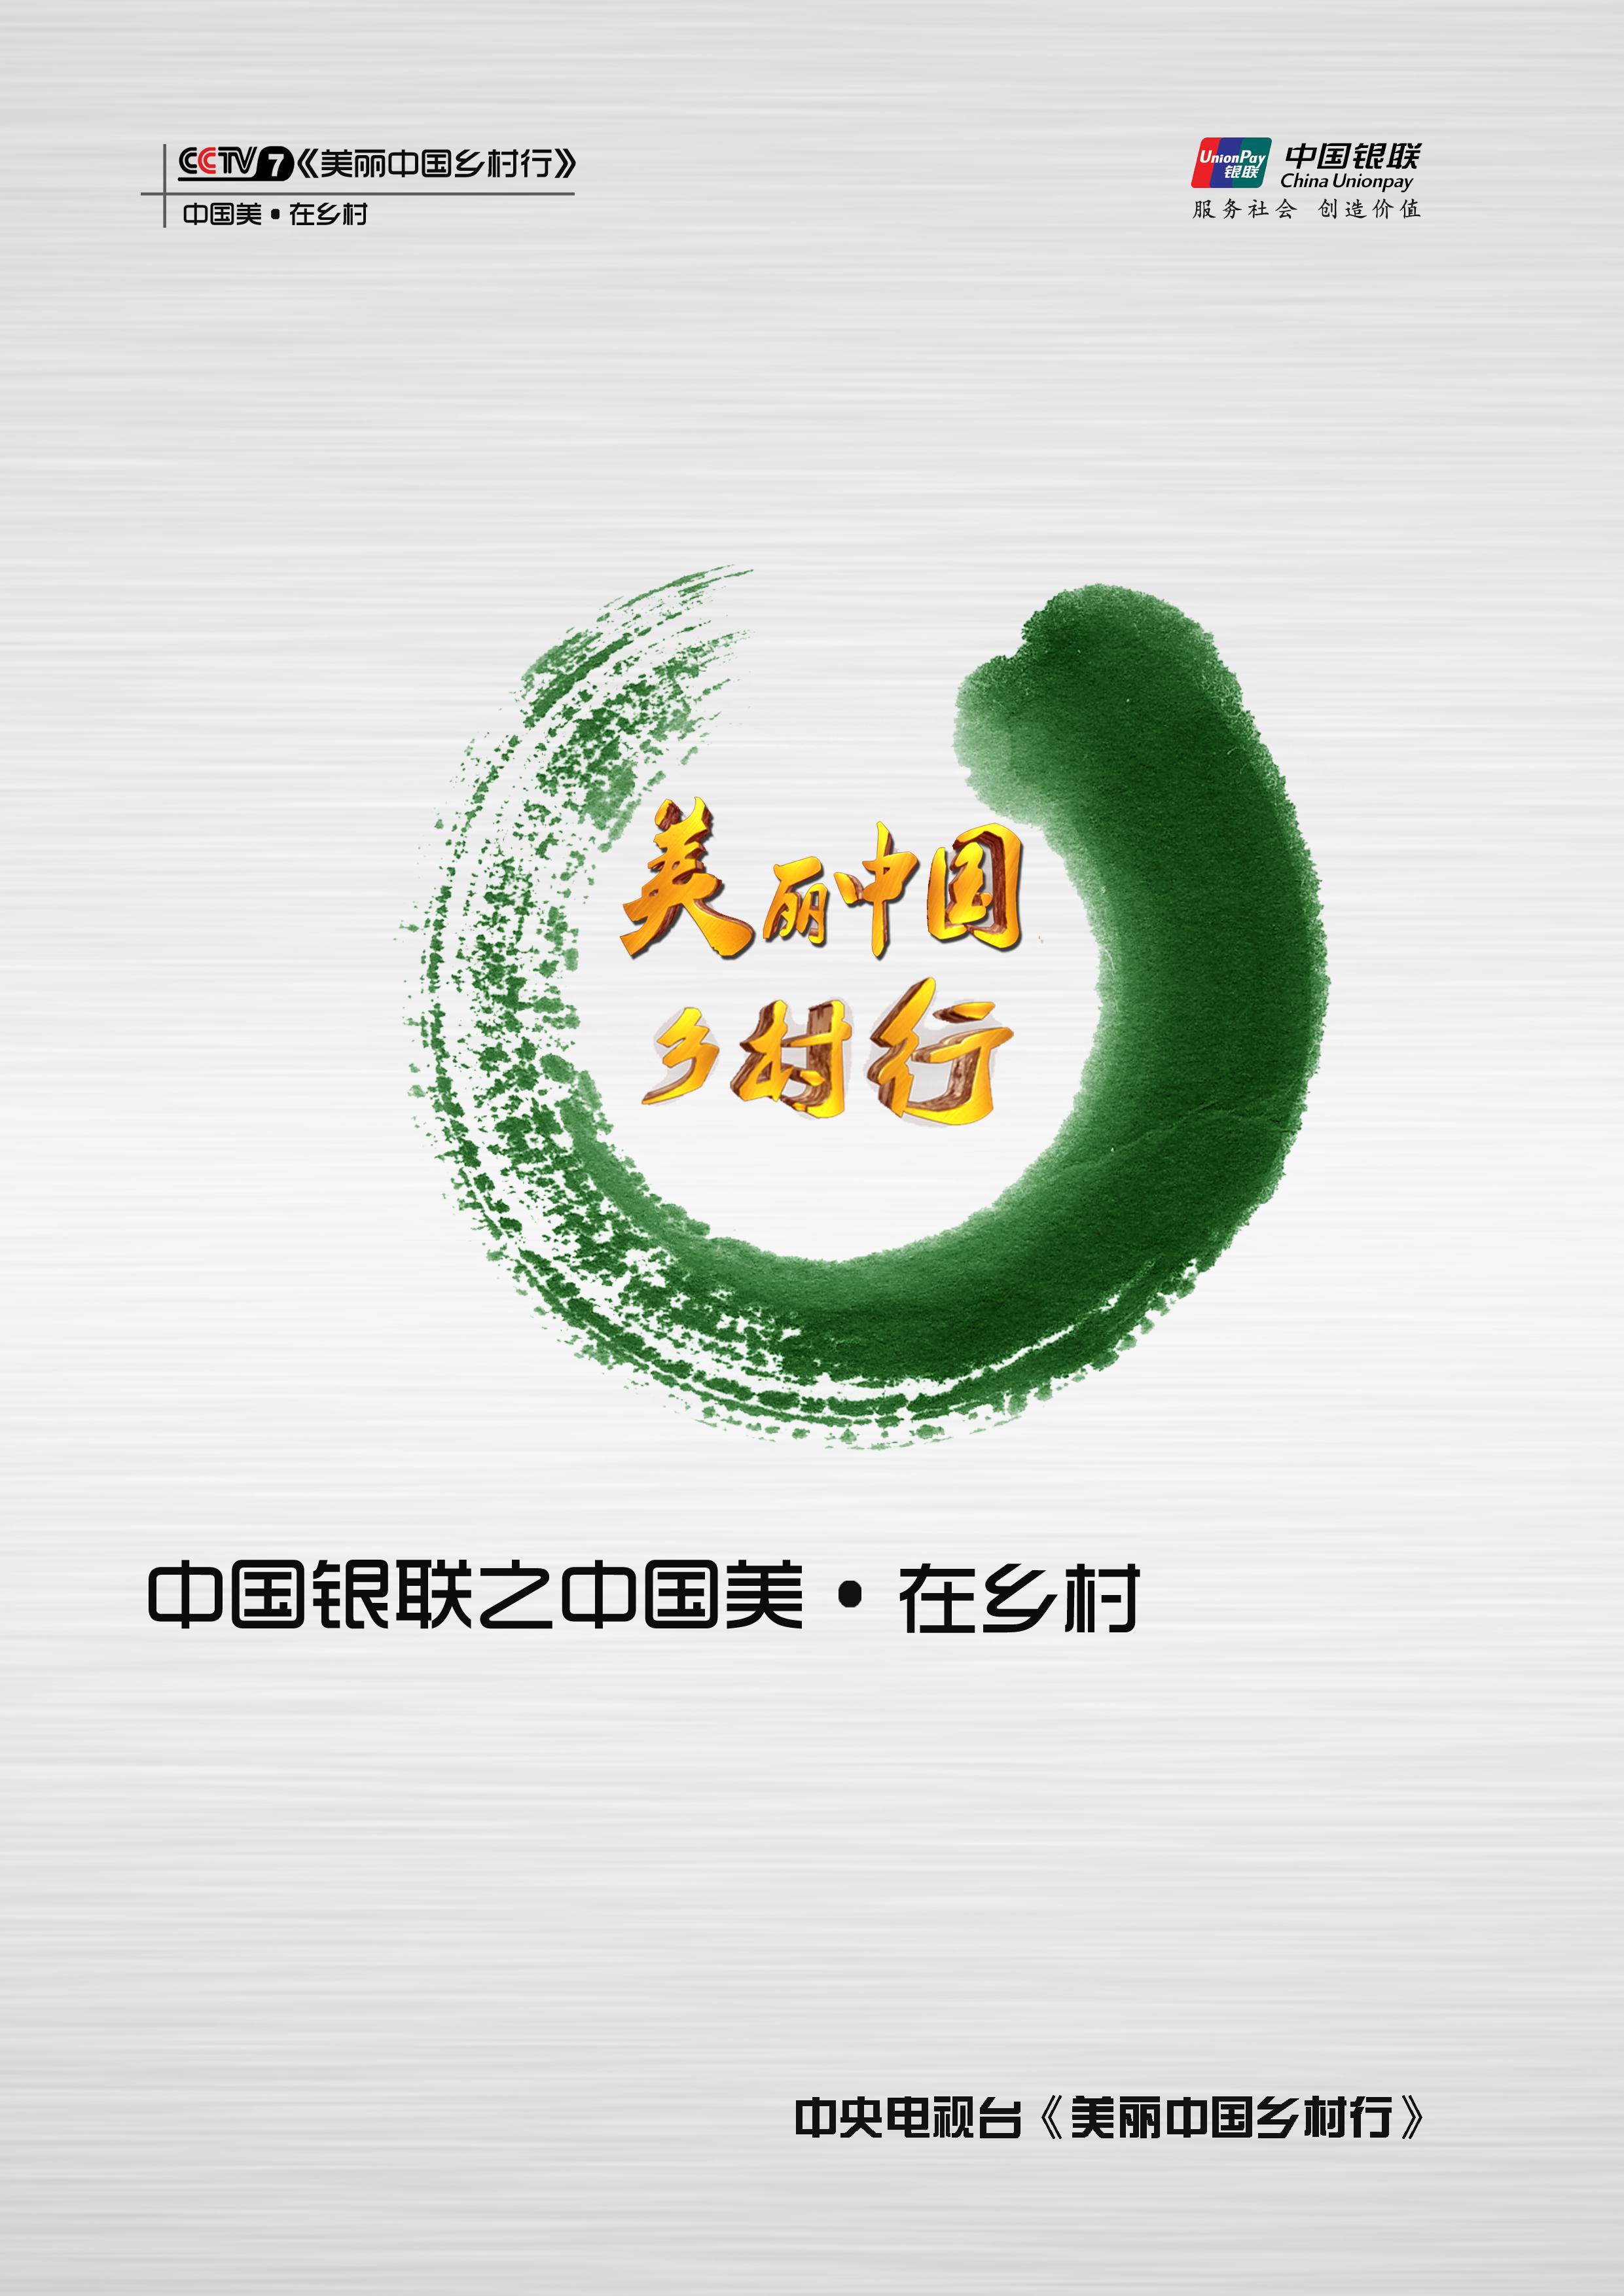 美丽中国乡村行|平面|书装/画册|沙漠之狐9152 - 原创